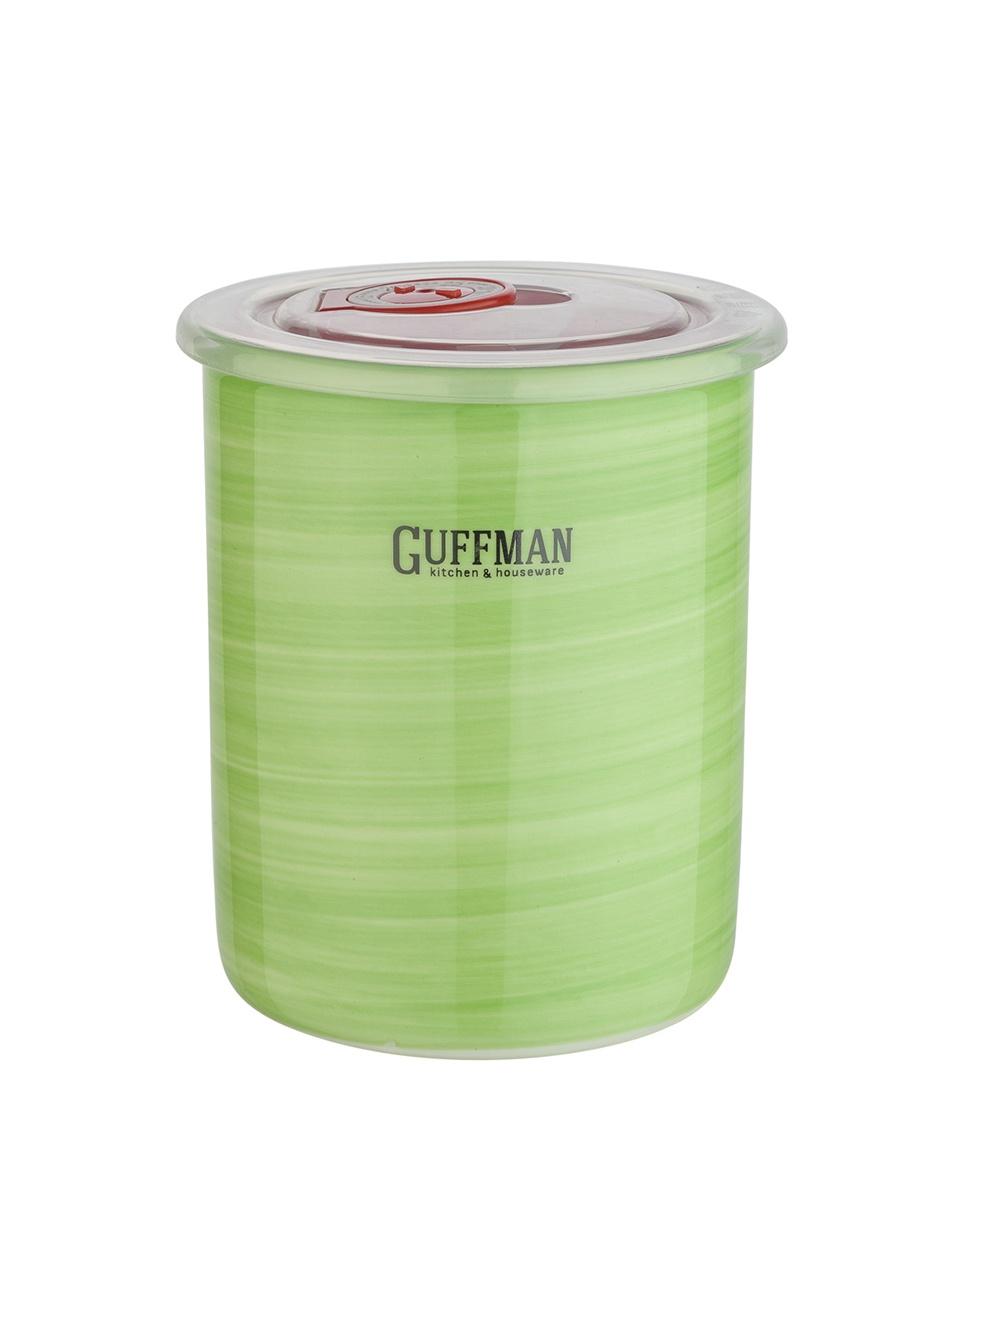 Банка для сыпучих продуктов Guffman Ceramics, зеленый все цены